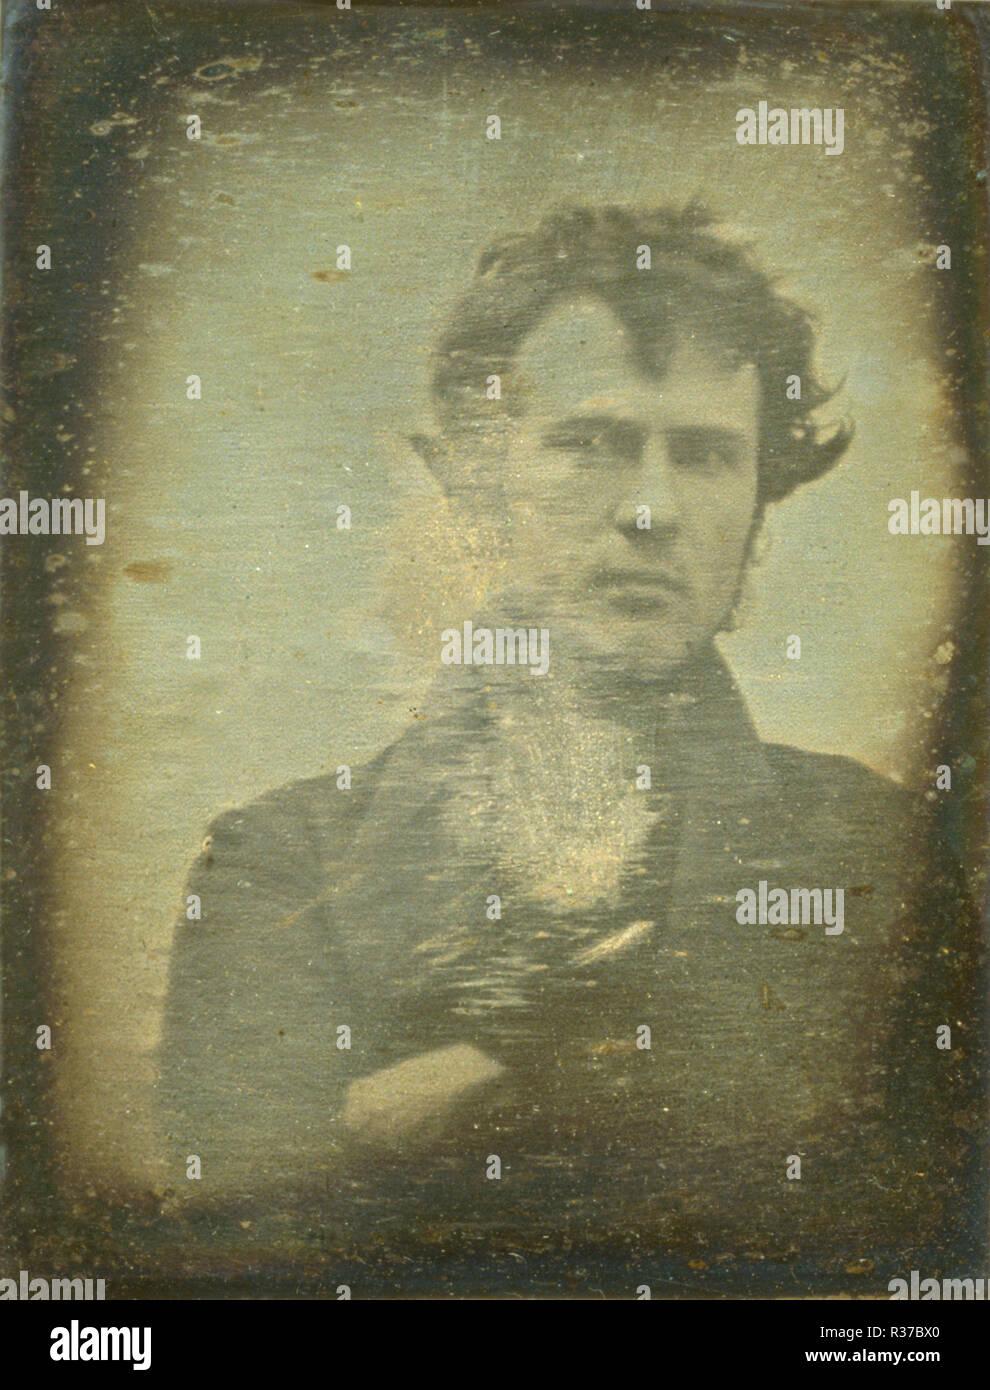 La première image d'un portrait photographique de l'jamais produits. Robert Cornelius, l'auto-portrait Photo Stock